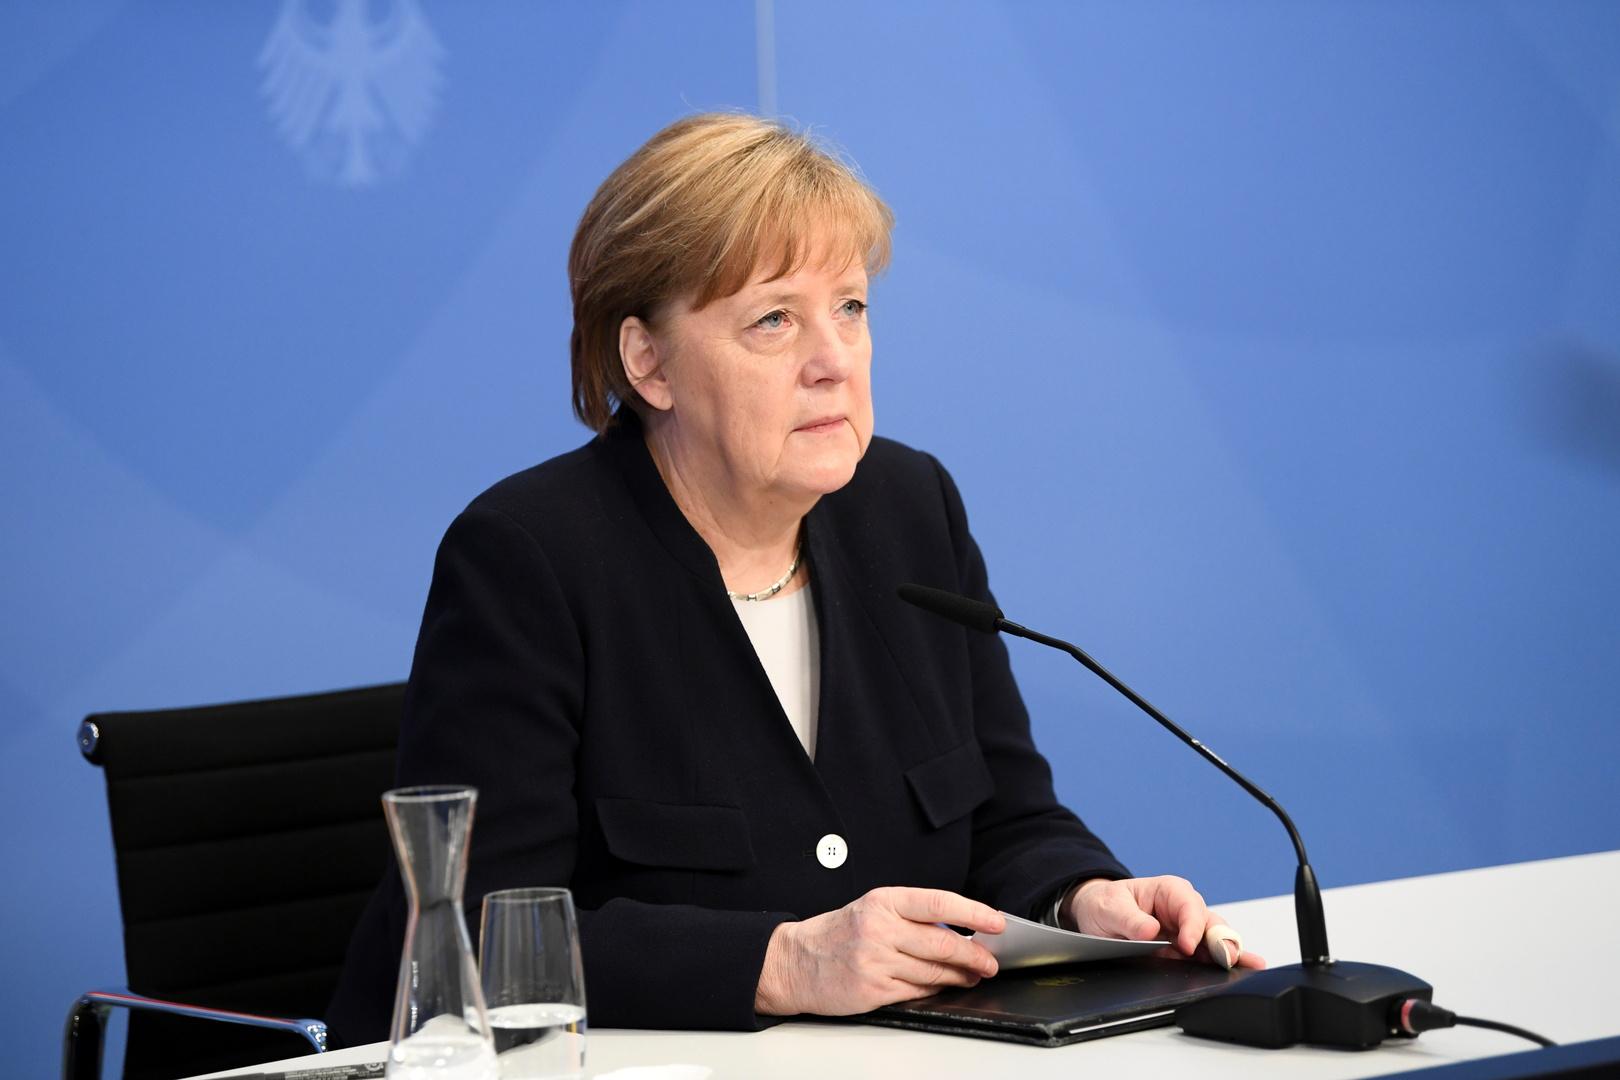 استطلاع: ميركل تبقى أكثر الساسة شعبية في ألمانيا